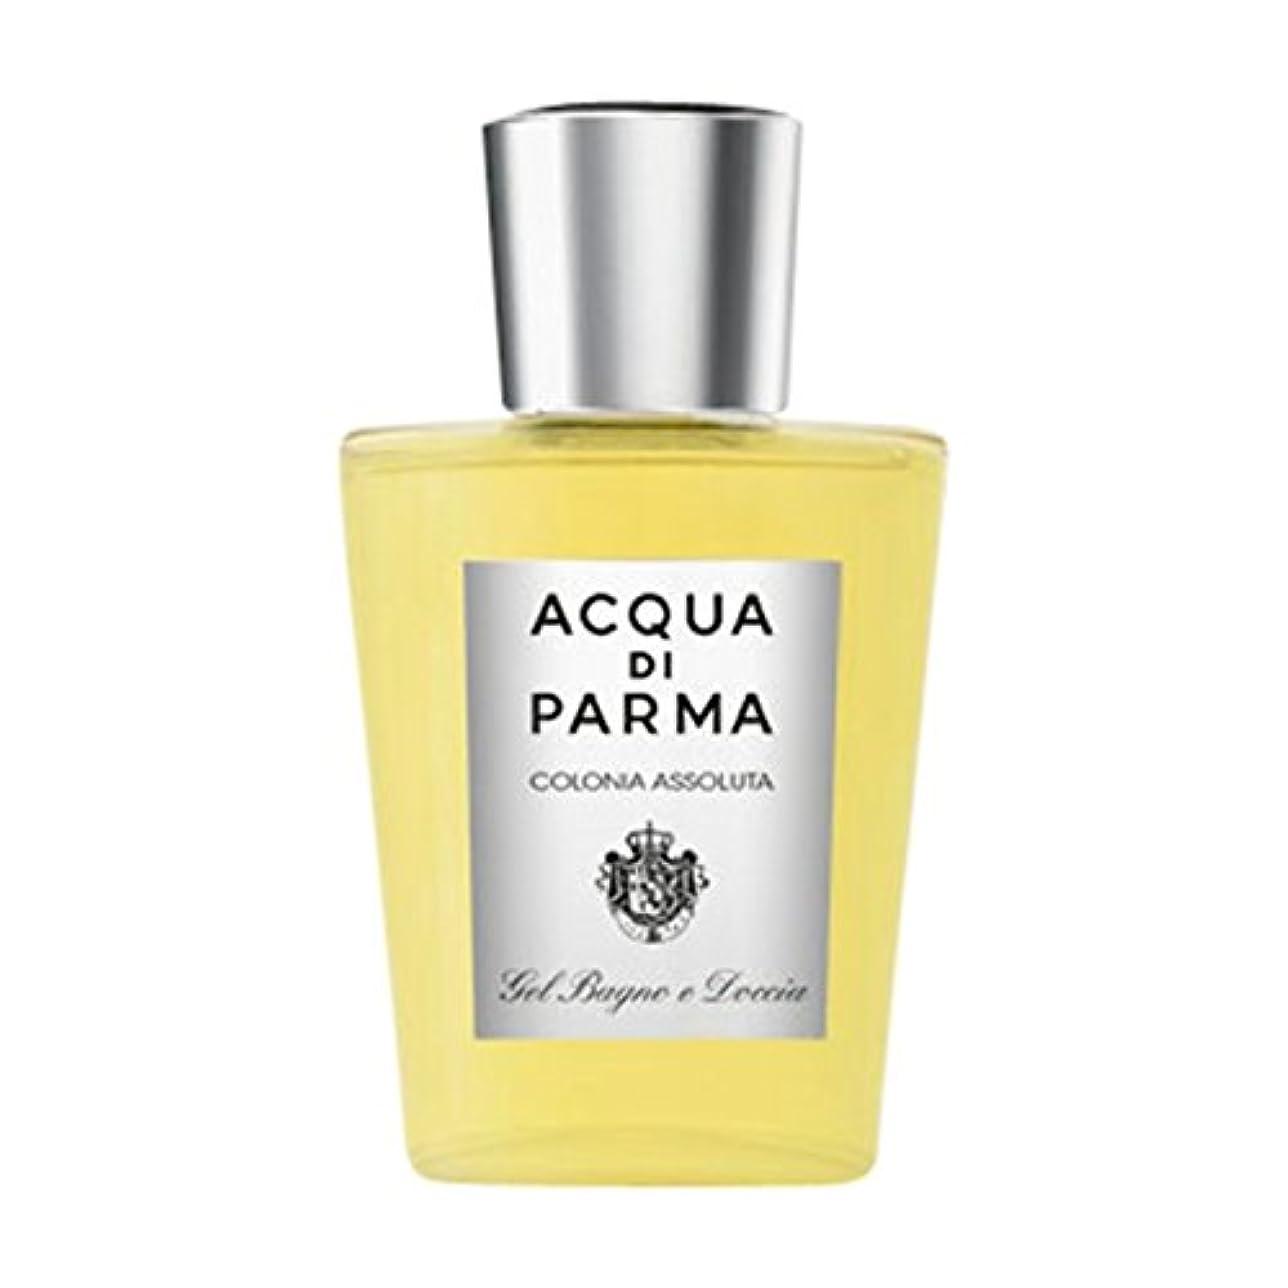 花嫁幸運なバトルアクアディパルマコロニアAssoluta風呂とシャワージェル (Acqua di Parma) (x6) - Acqua di Parma Colonia Assoluta Bath and Shower Gel (Pack of 6) [並行輸入品]